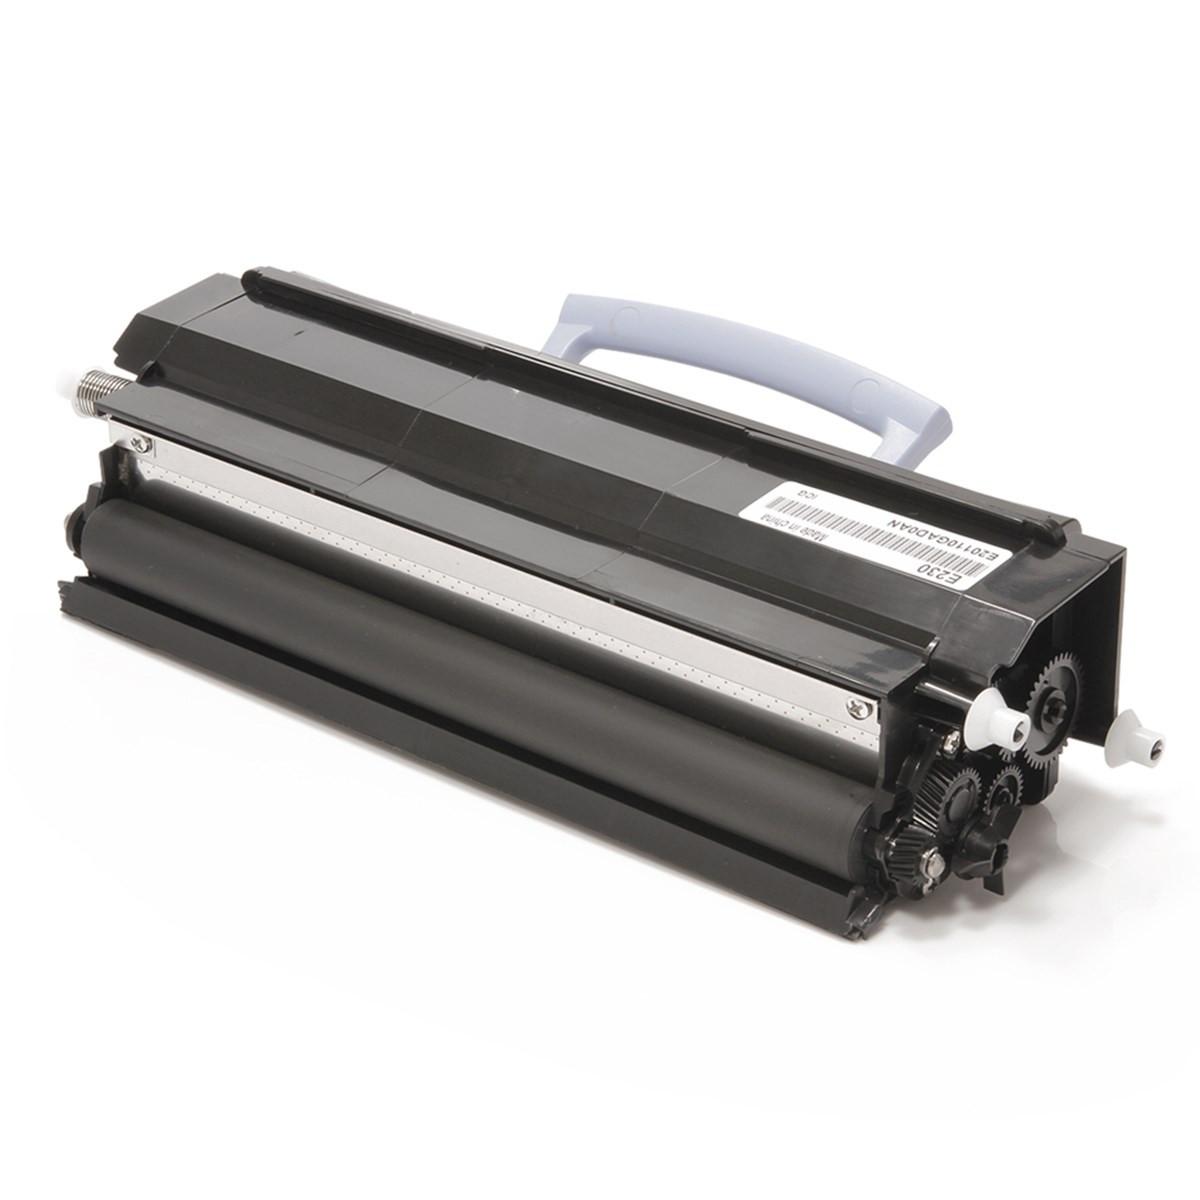 Toner Compatível com Lexmark E230 E232 E234 E240 E330 E340 E342 E332 24018SL | Importado 6k